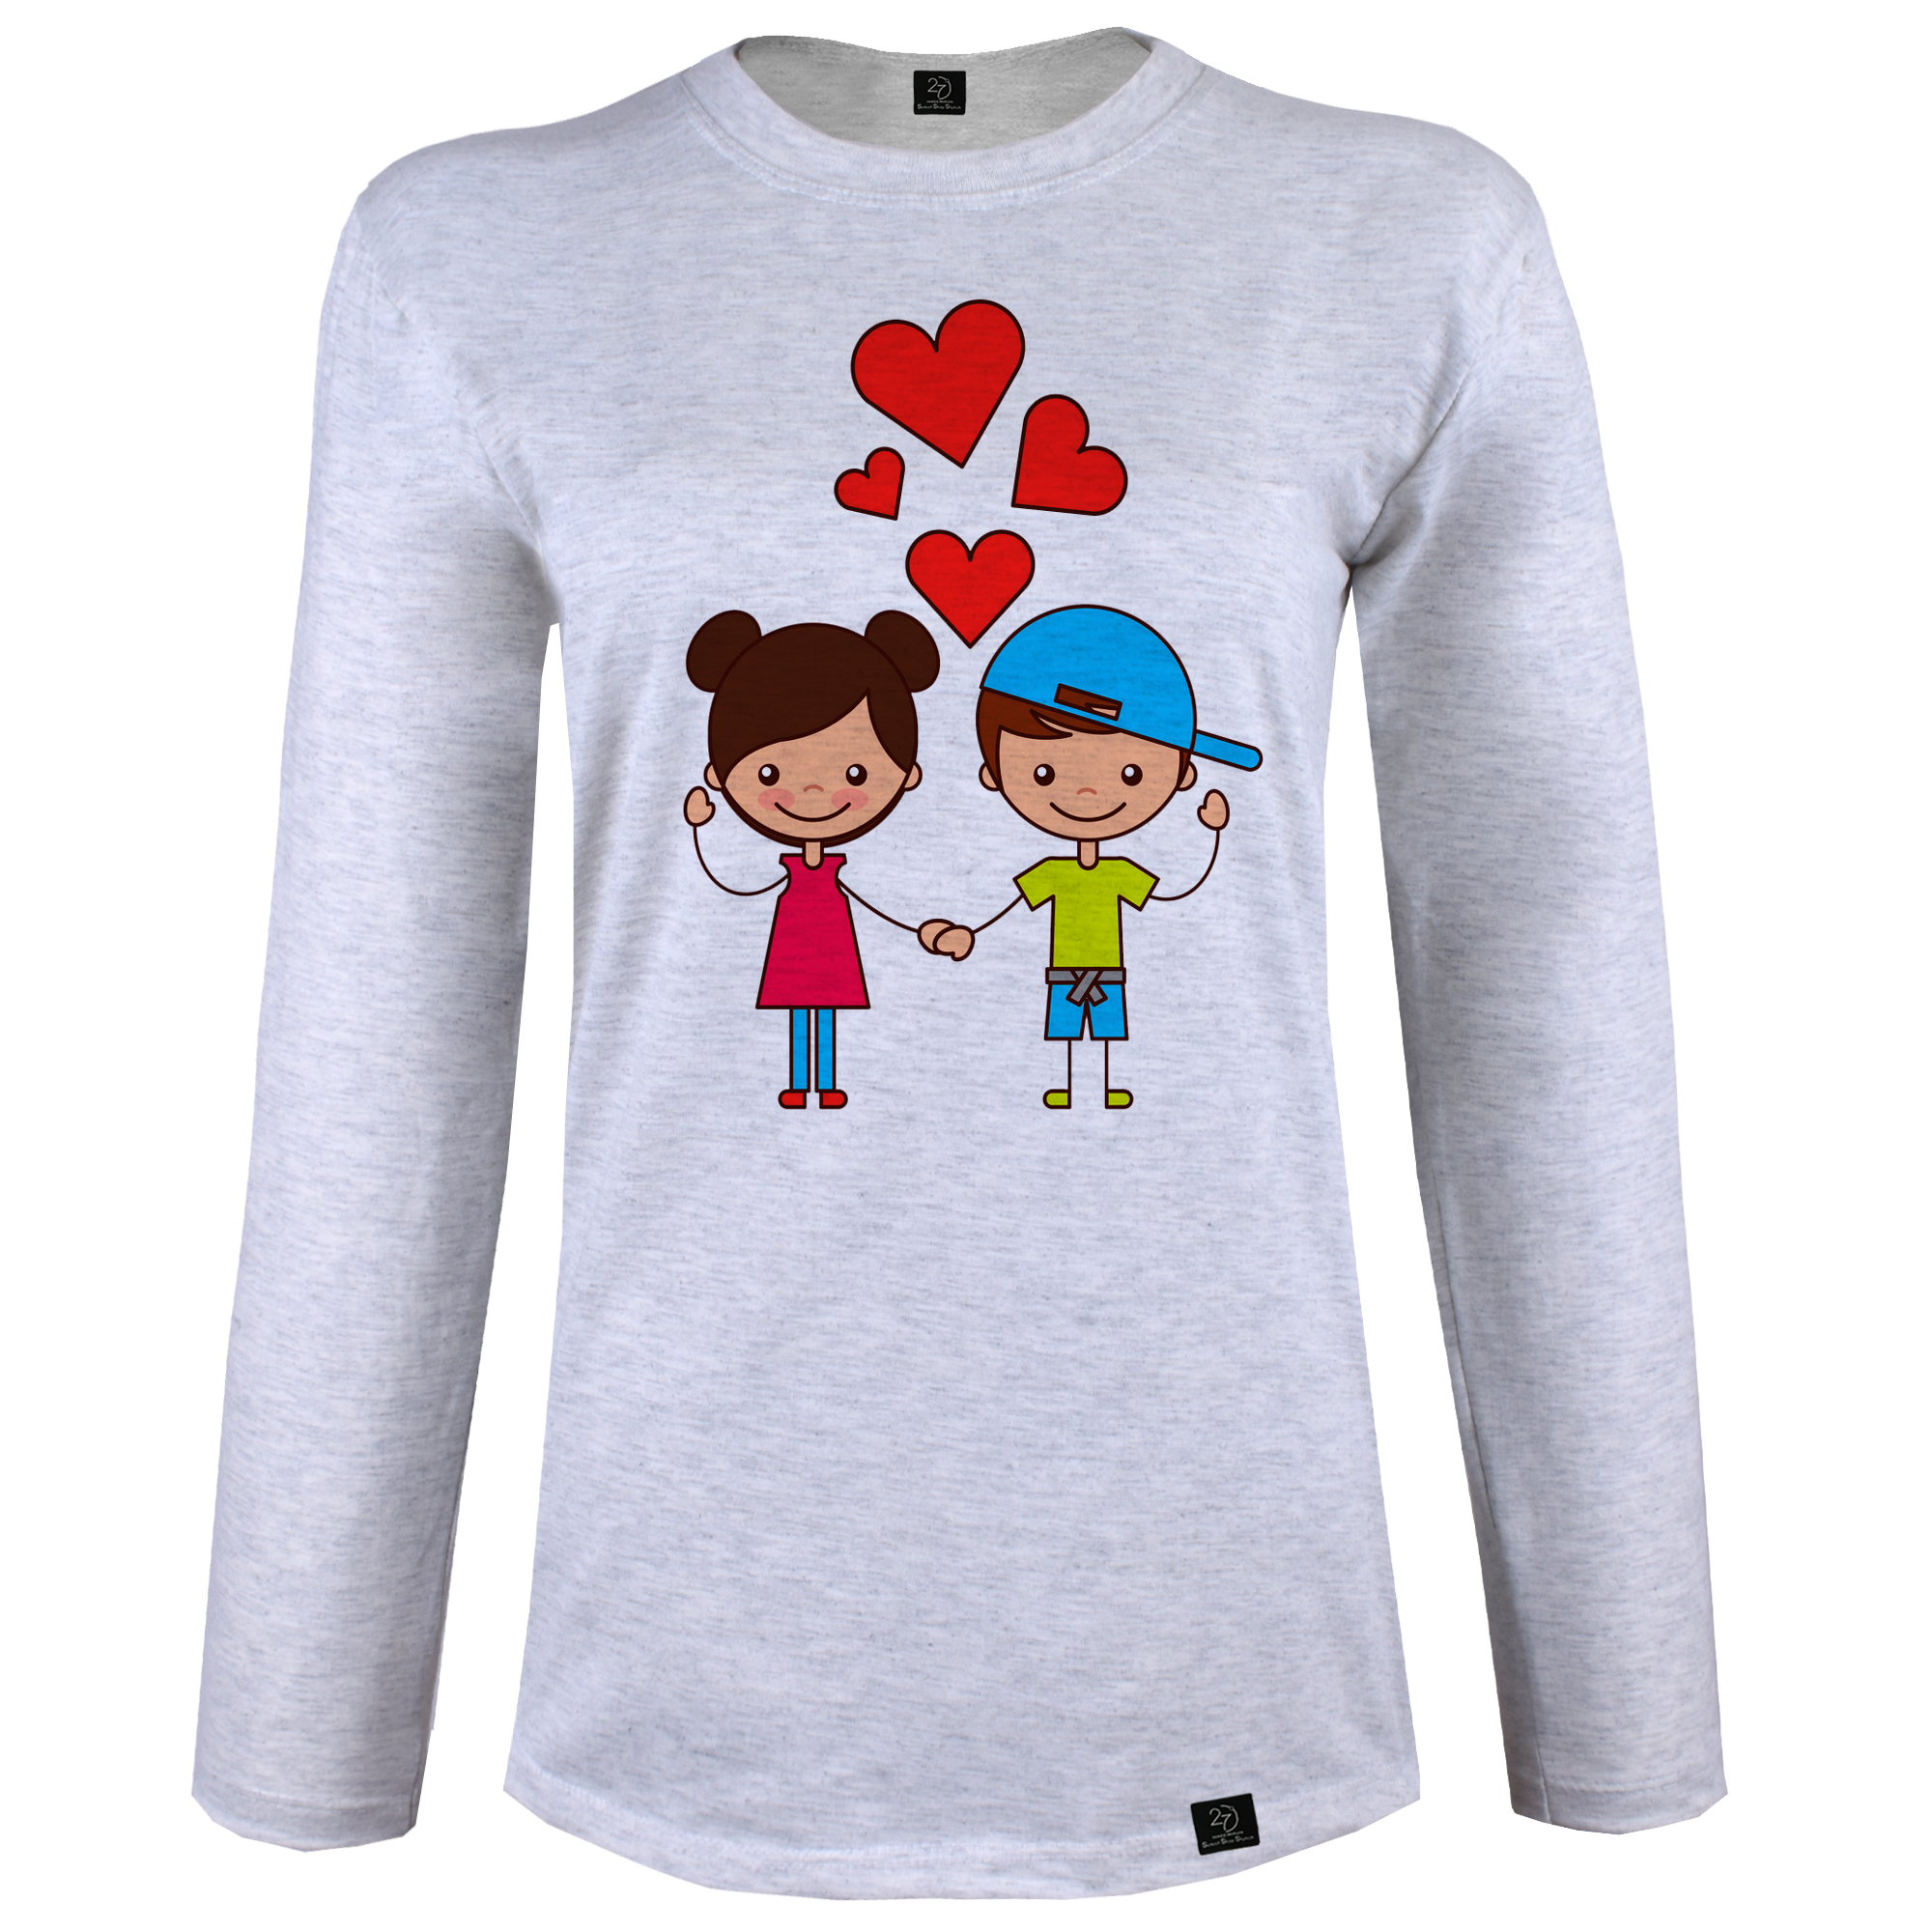 تی شرت آستین بلند زنانه 27 طرح LOVE کد J10 رنگ طوسی روشن